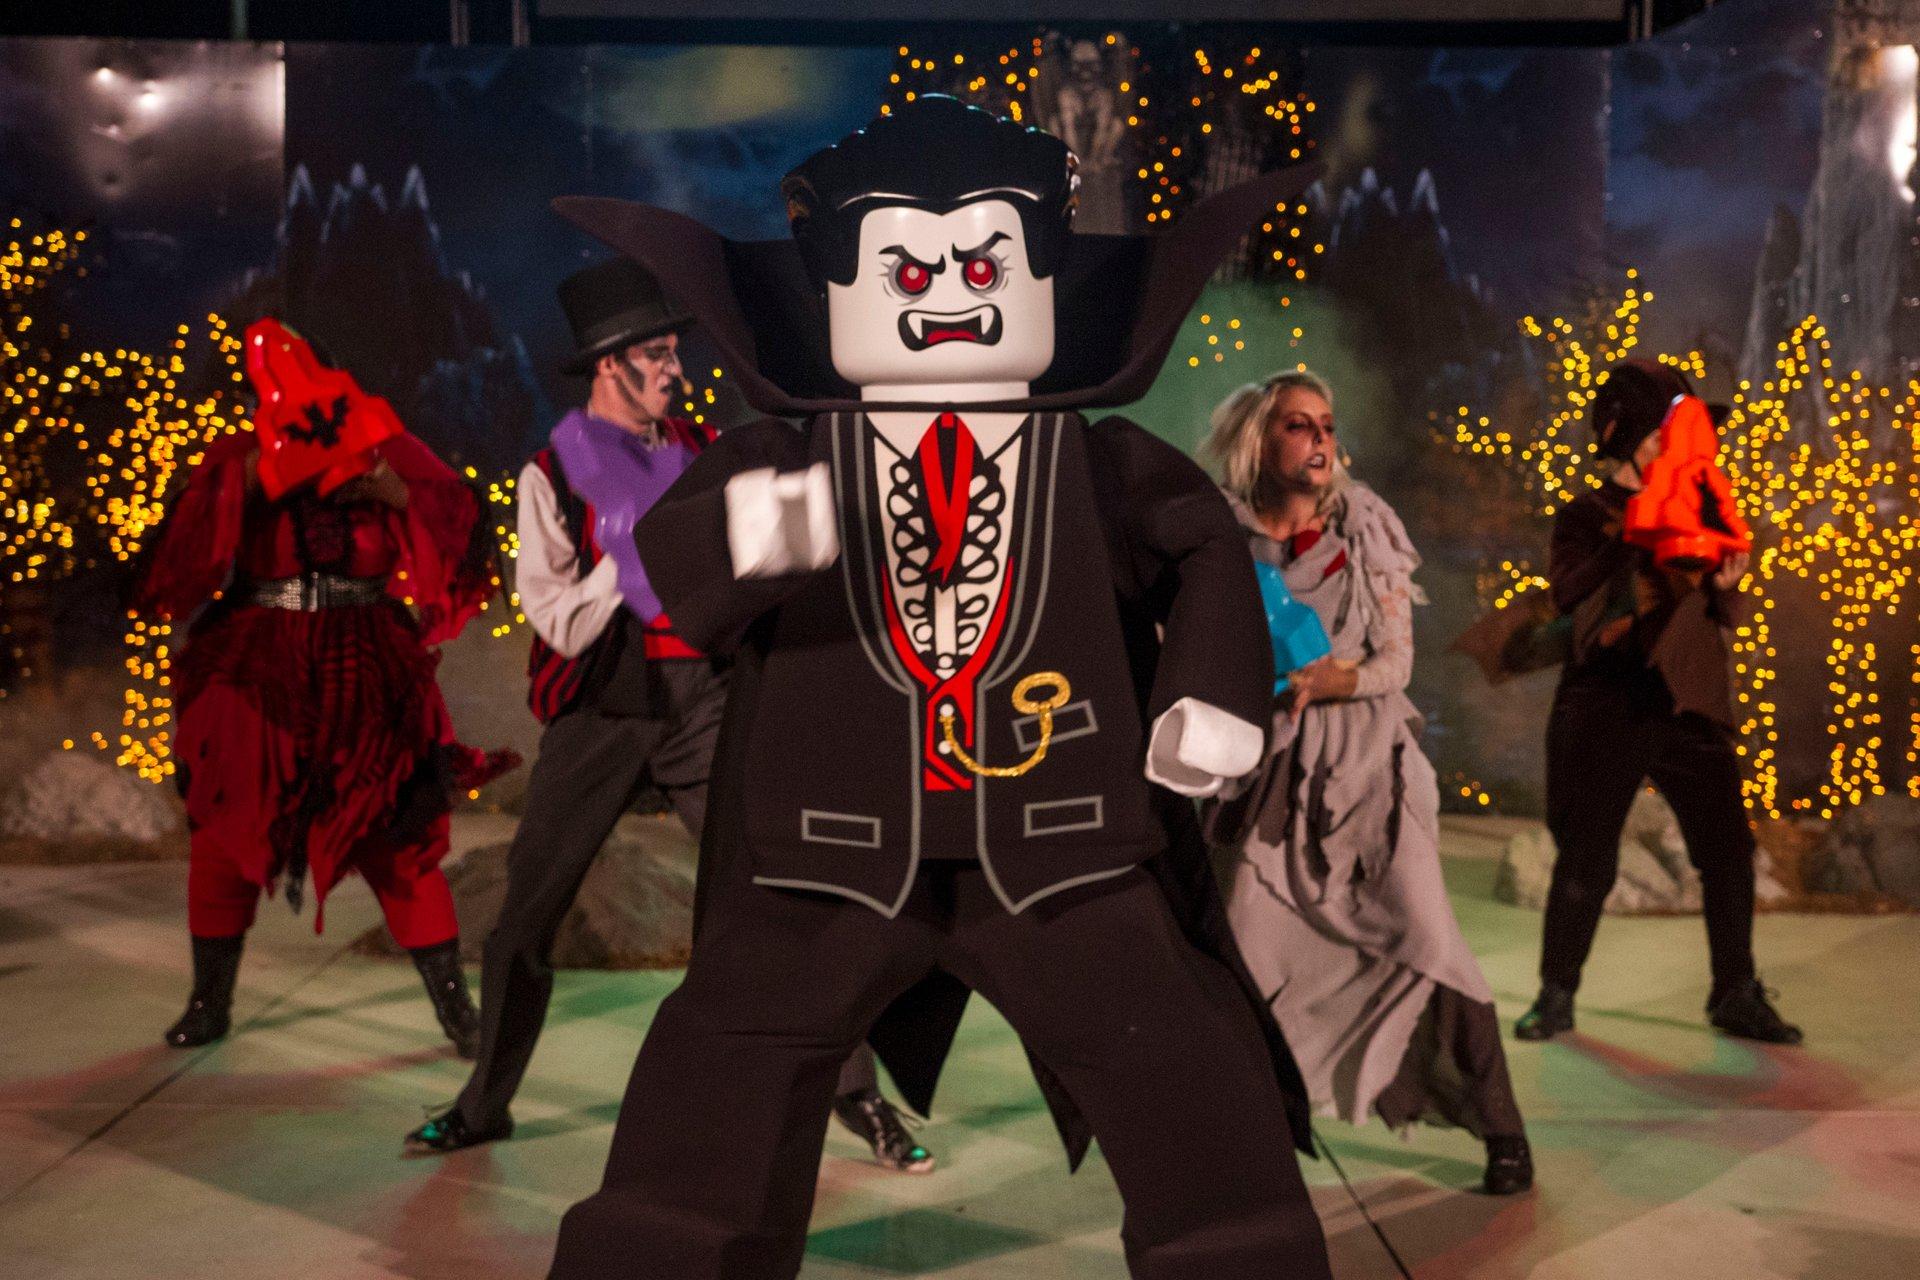 Vampire Show during Brick-or-Treat at Legoland California 2020